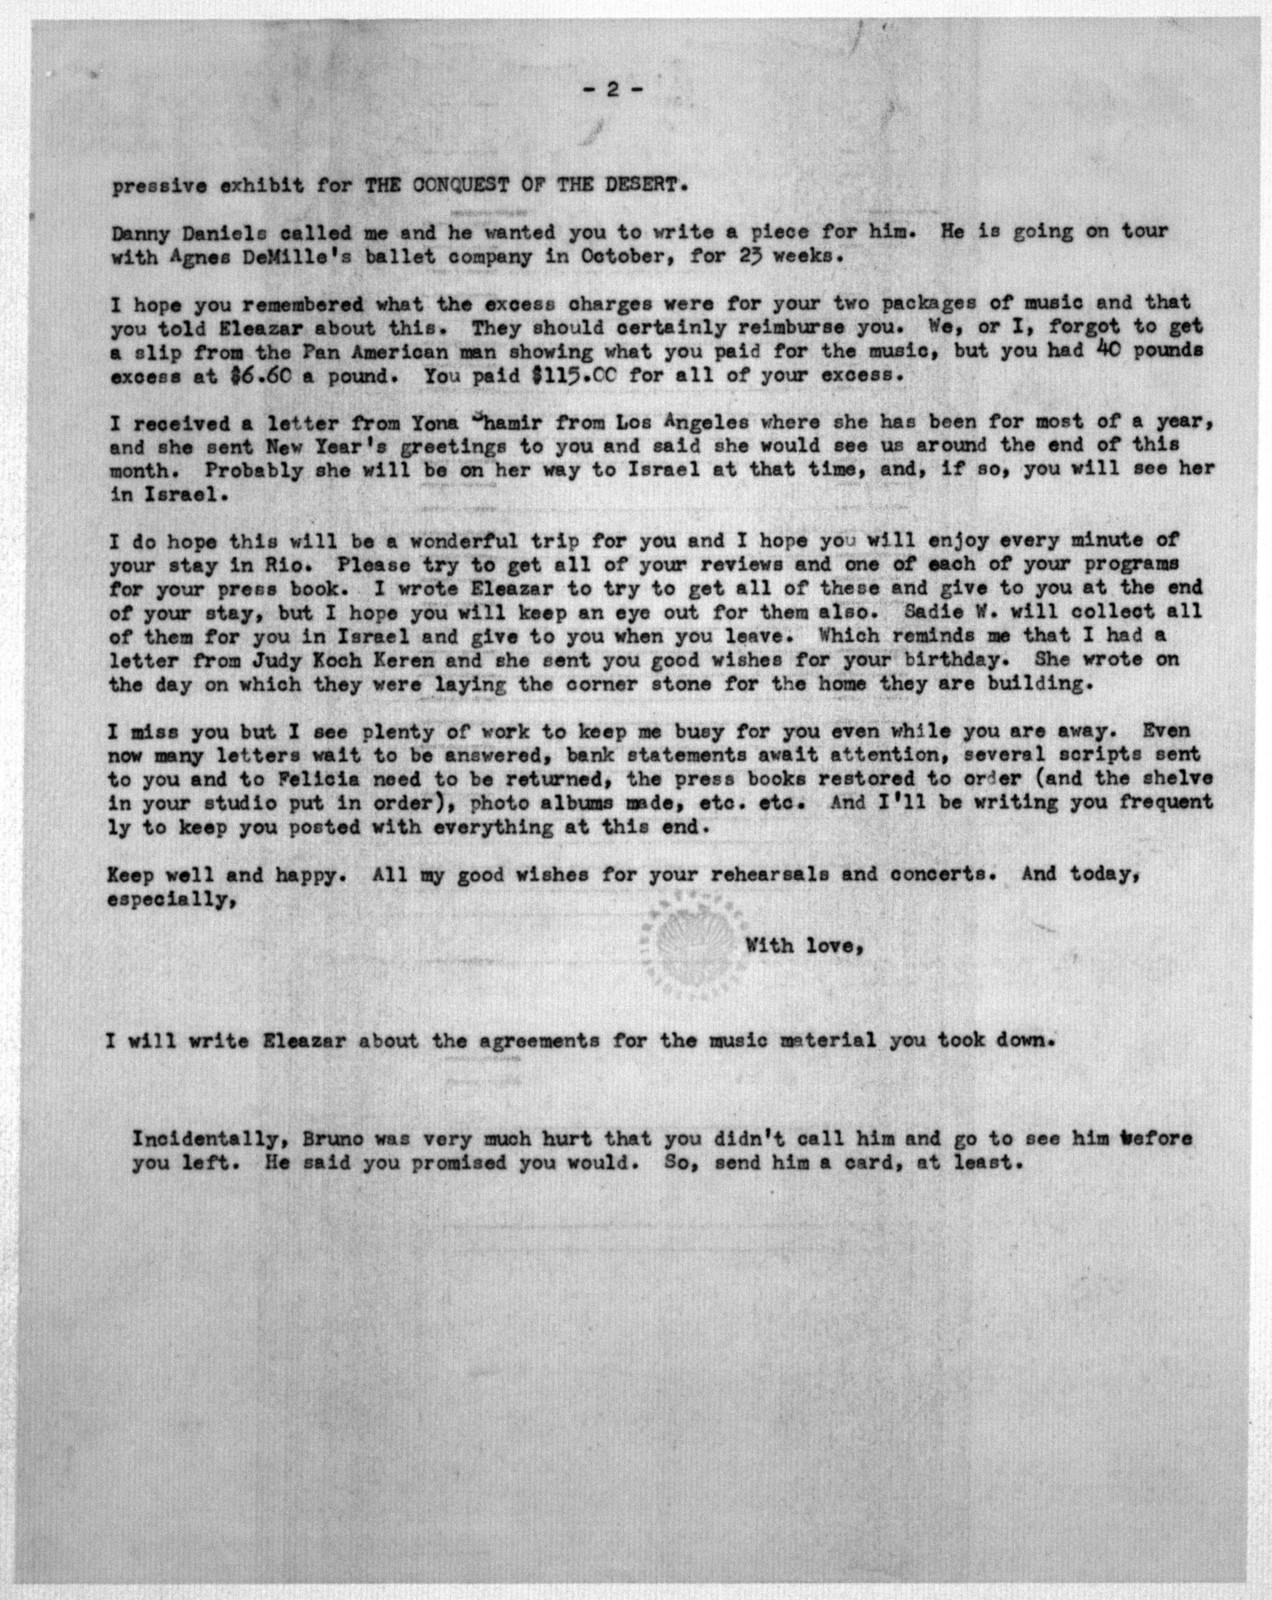 Letter from Helen Coates to Leonard Bernstein, September 9, 1953